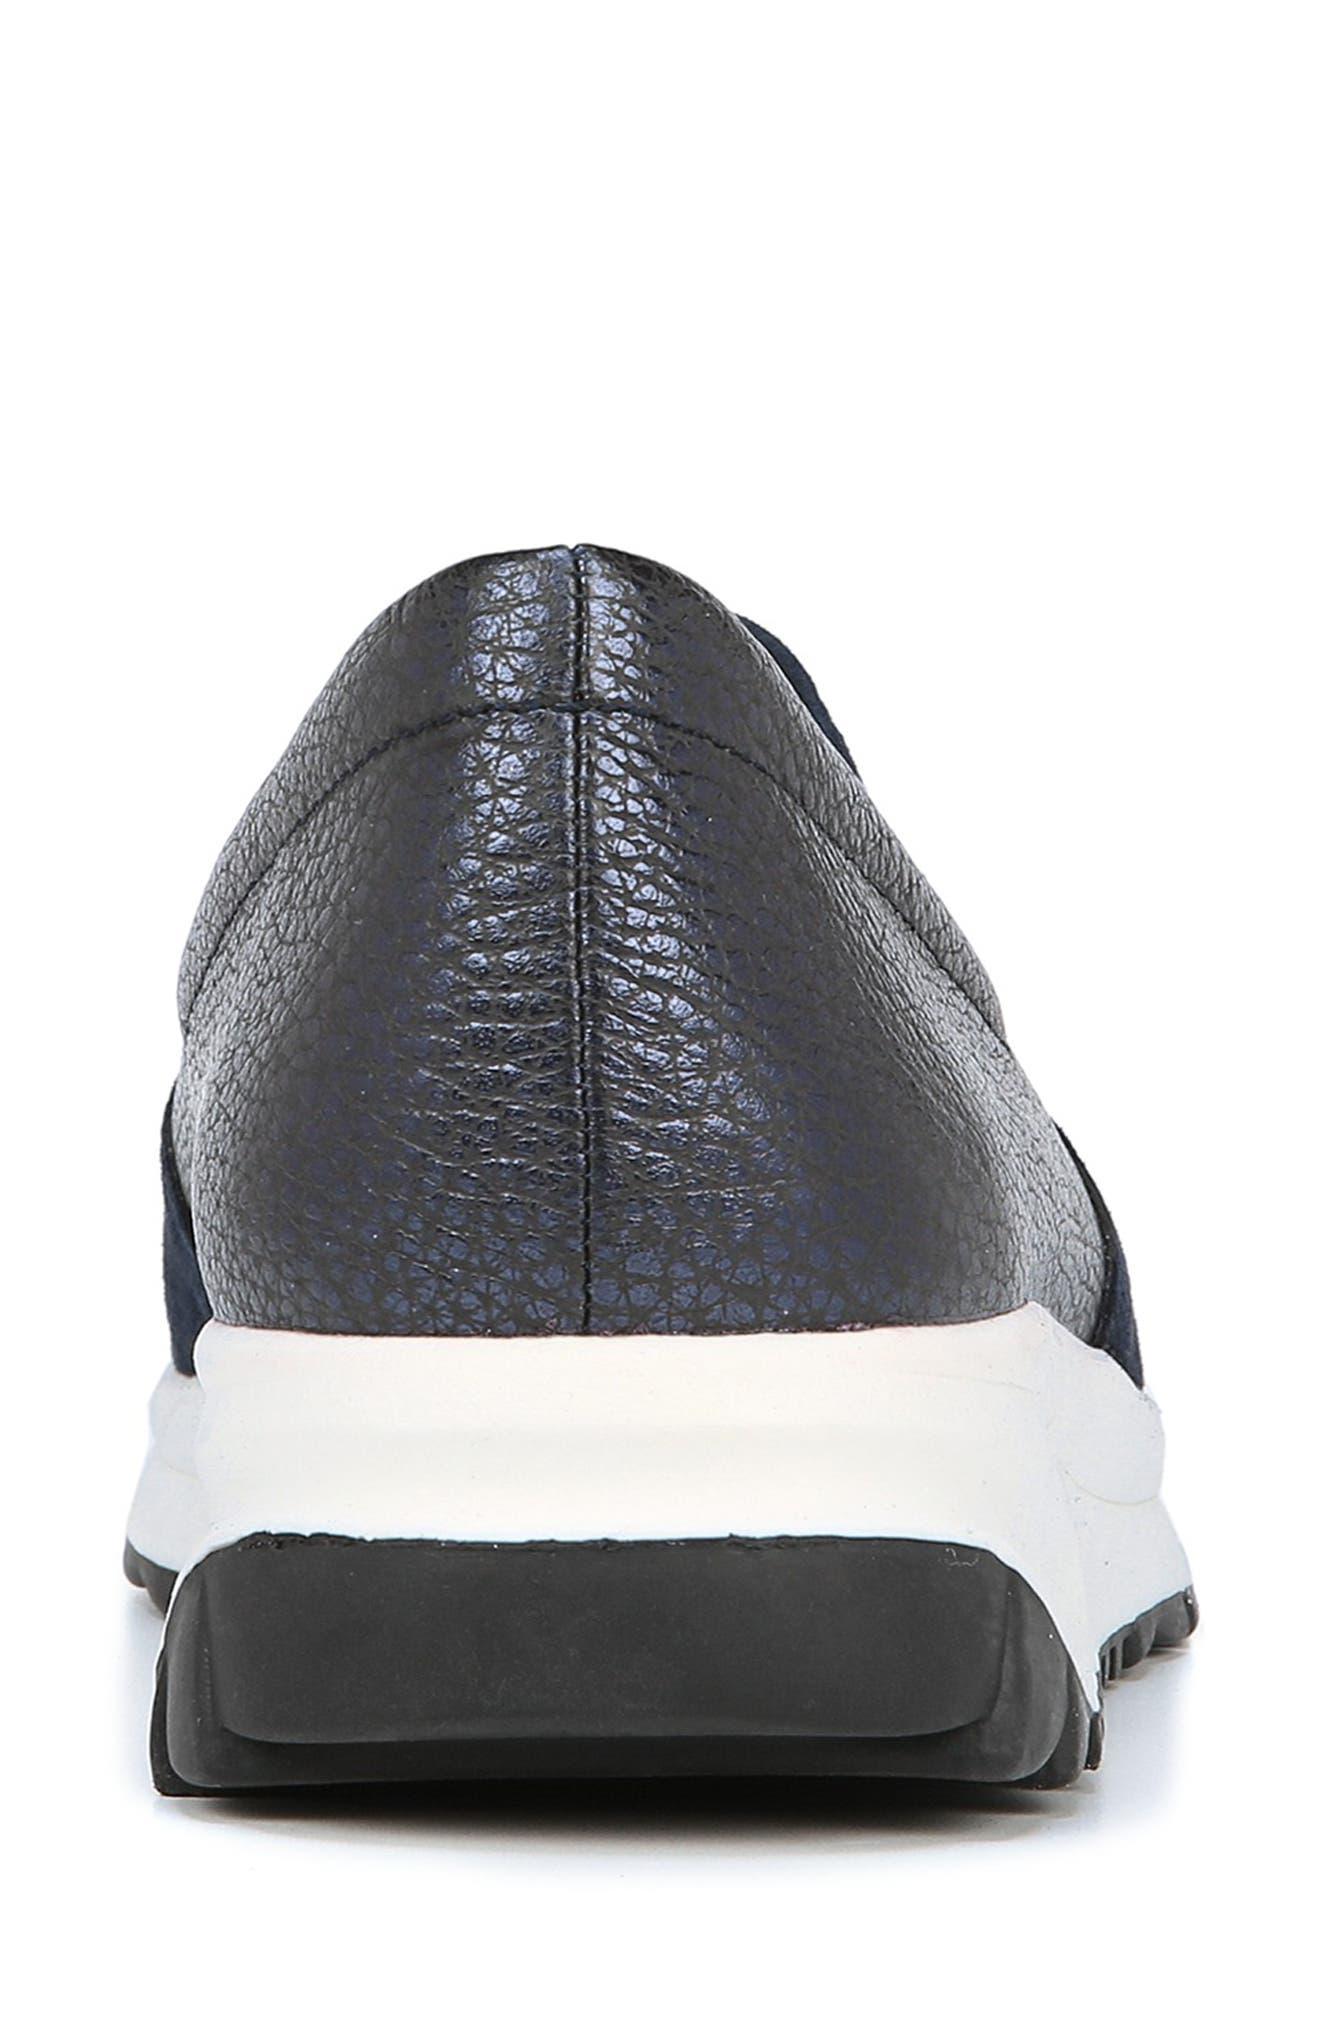 Selah Slip-On Sneaker,                             Alternate thumbnail 9, color,                             INKY NAVY SUEDE